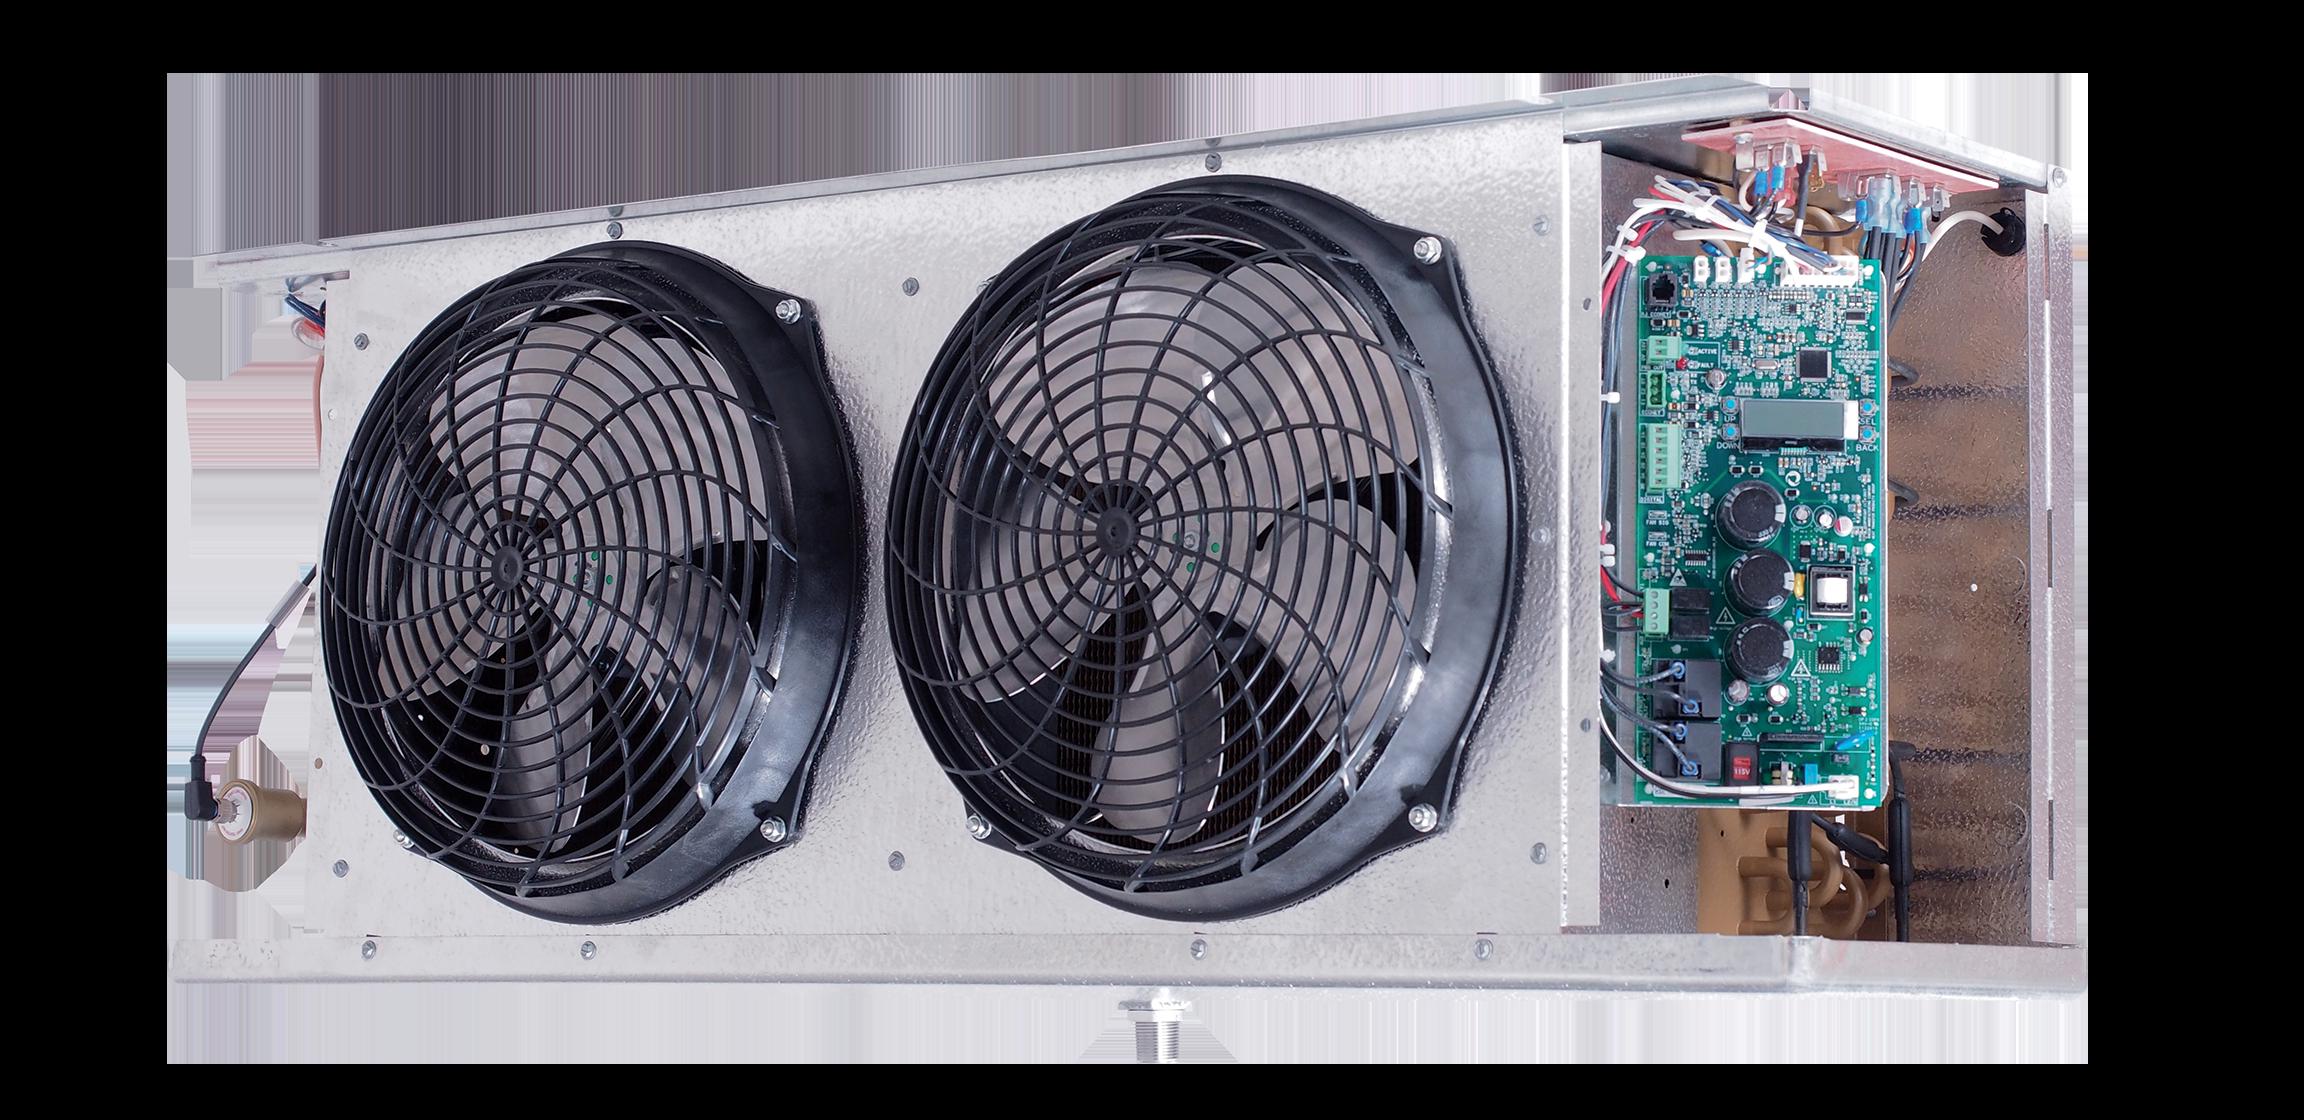 Evaporative Cooler Wiring Diagram Http Repairmanualsblogspotcom